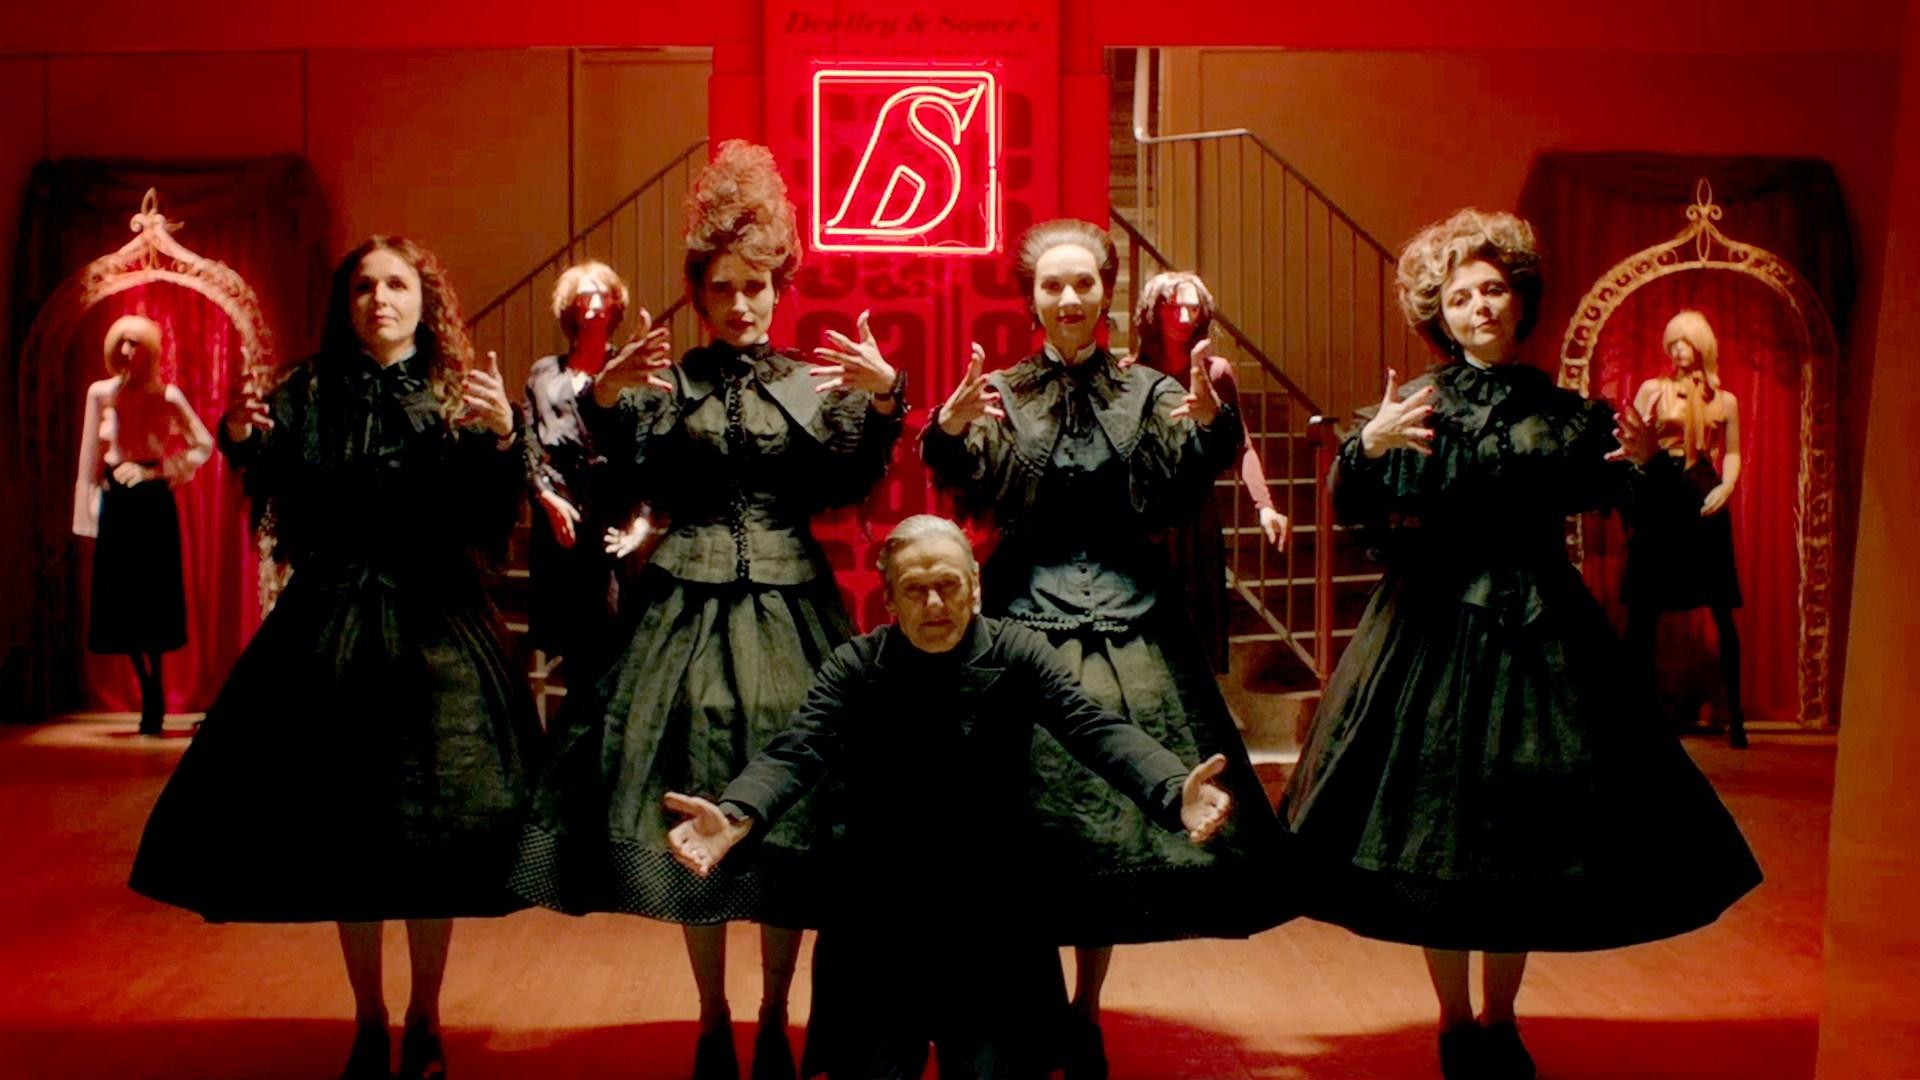 """Critique du film d'horreur """"In Fabric"""", réalisé par Peter Strickland."""